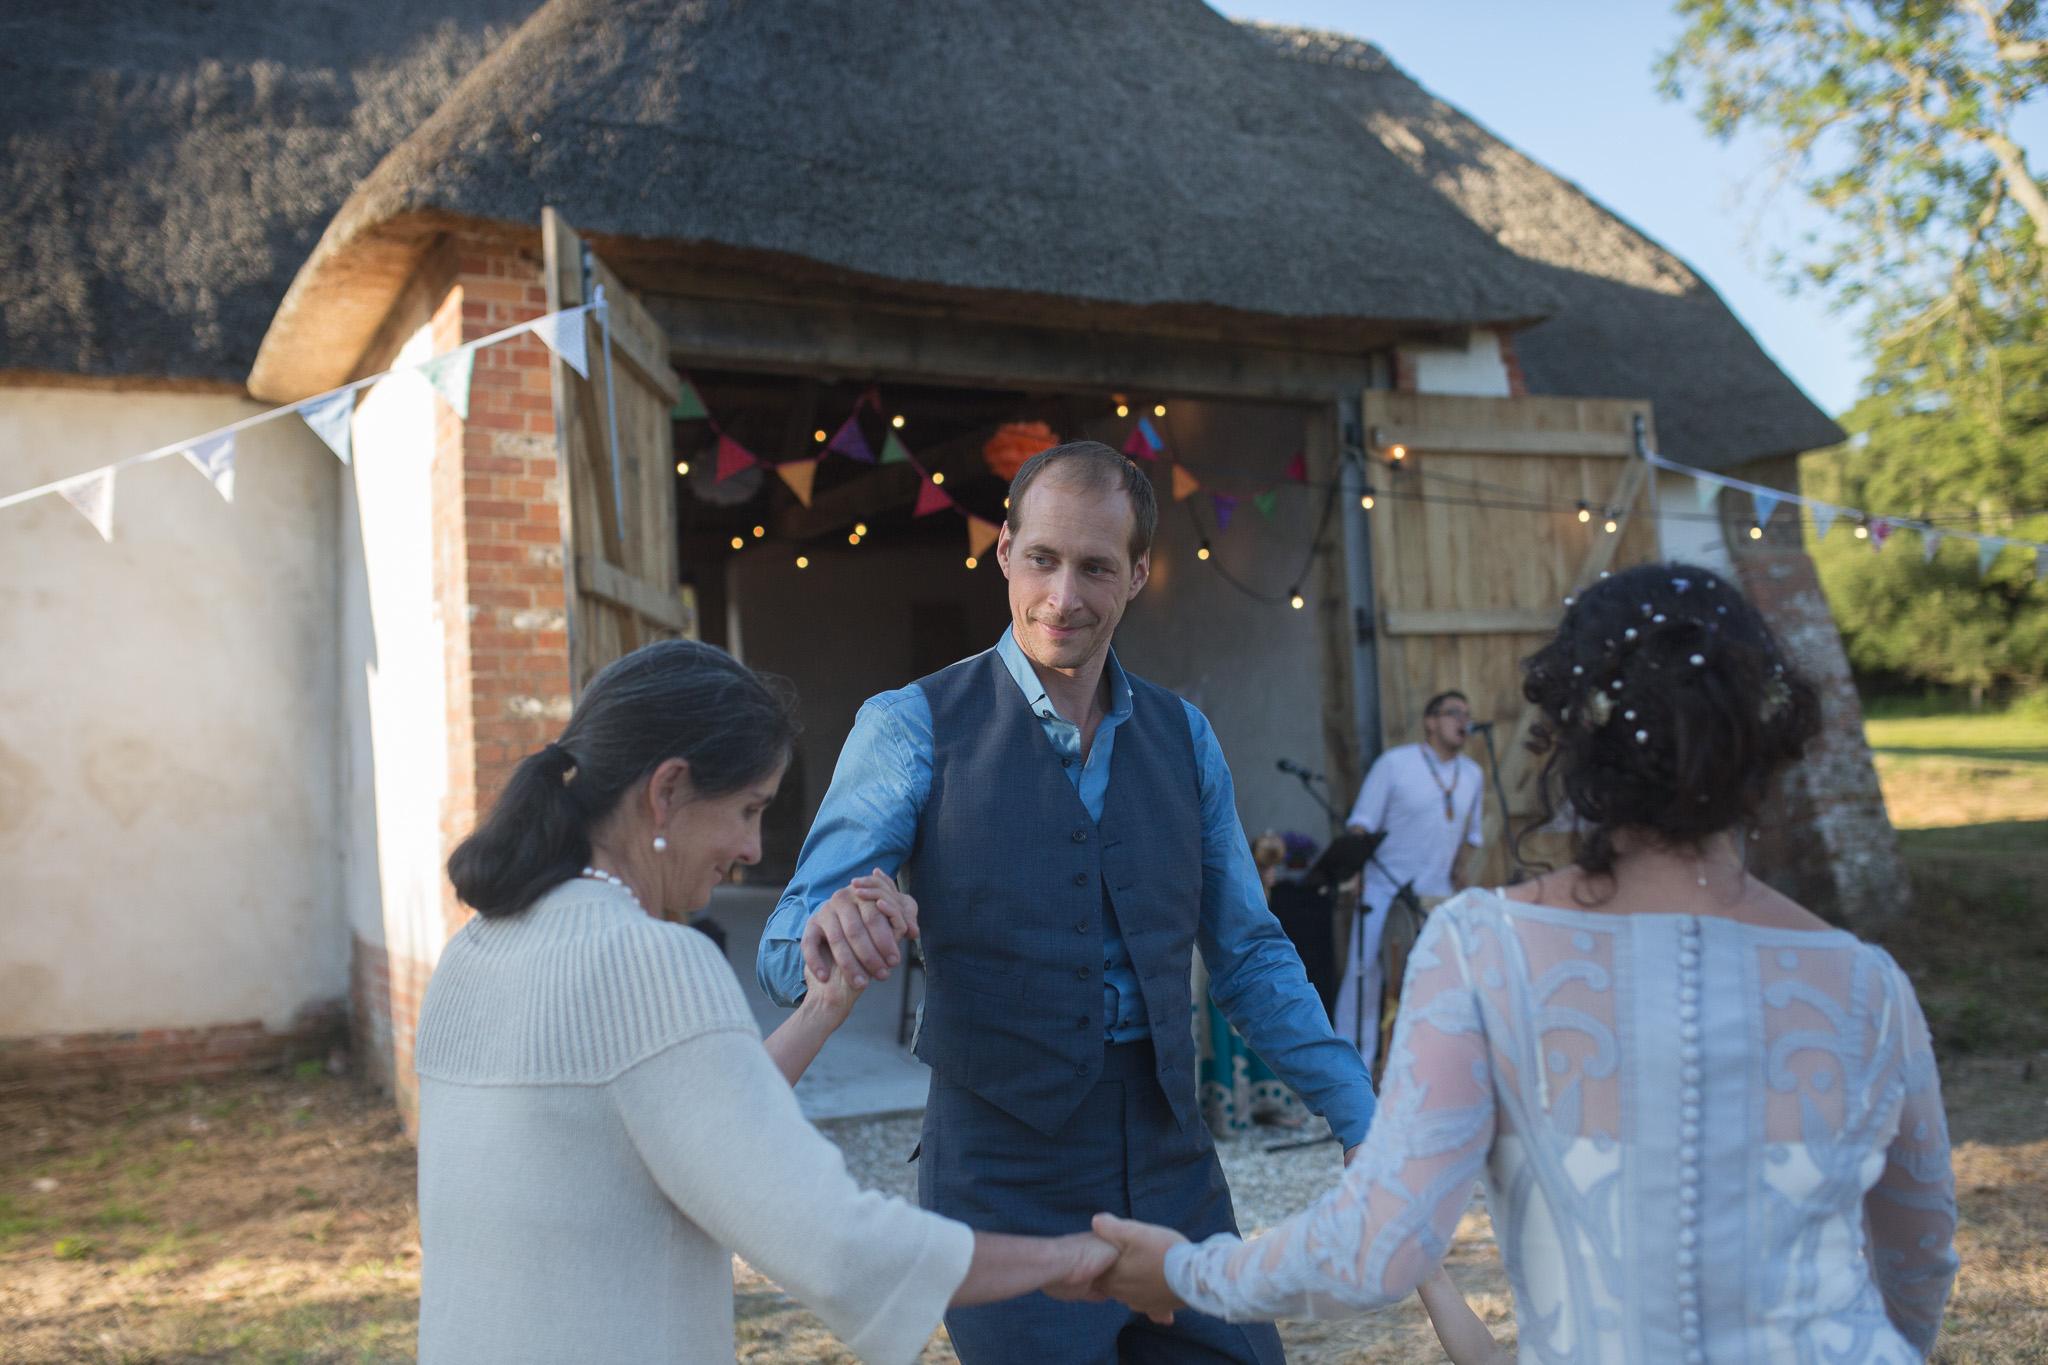 Elisa-Ryan-Rustic-Wedding-Blog-188.jpg